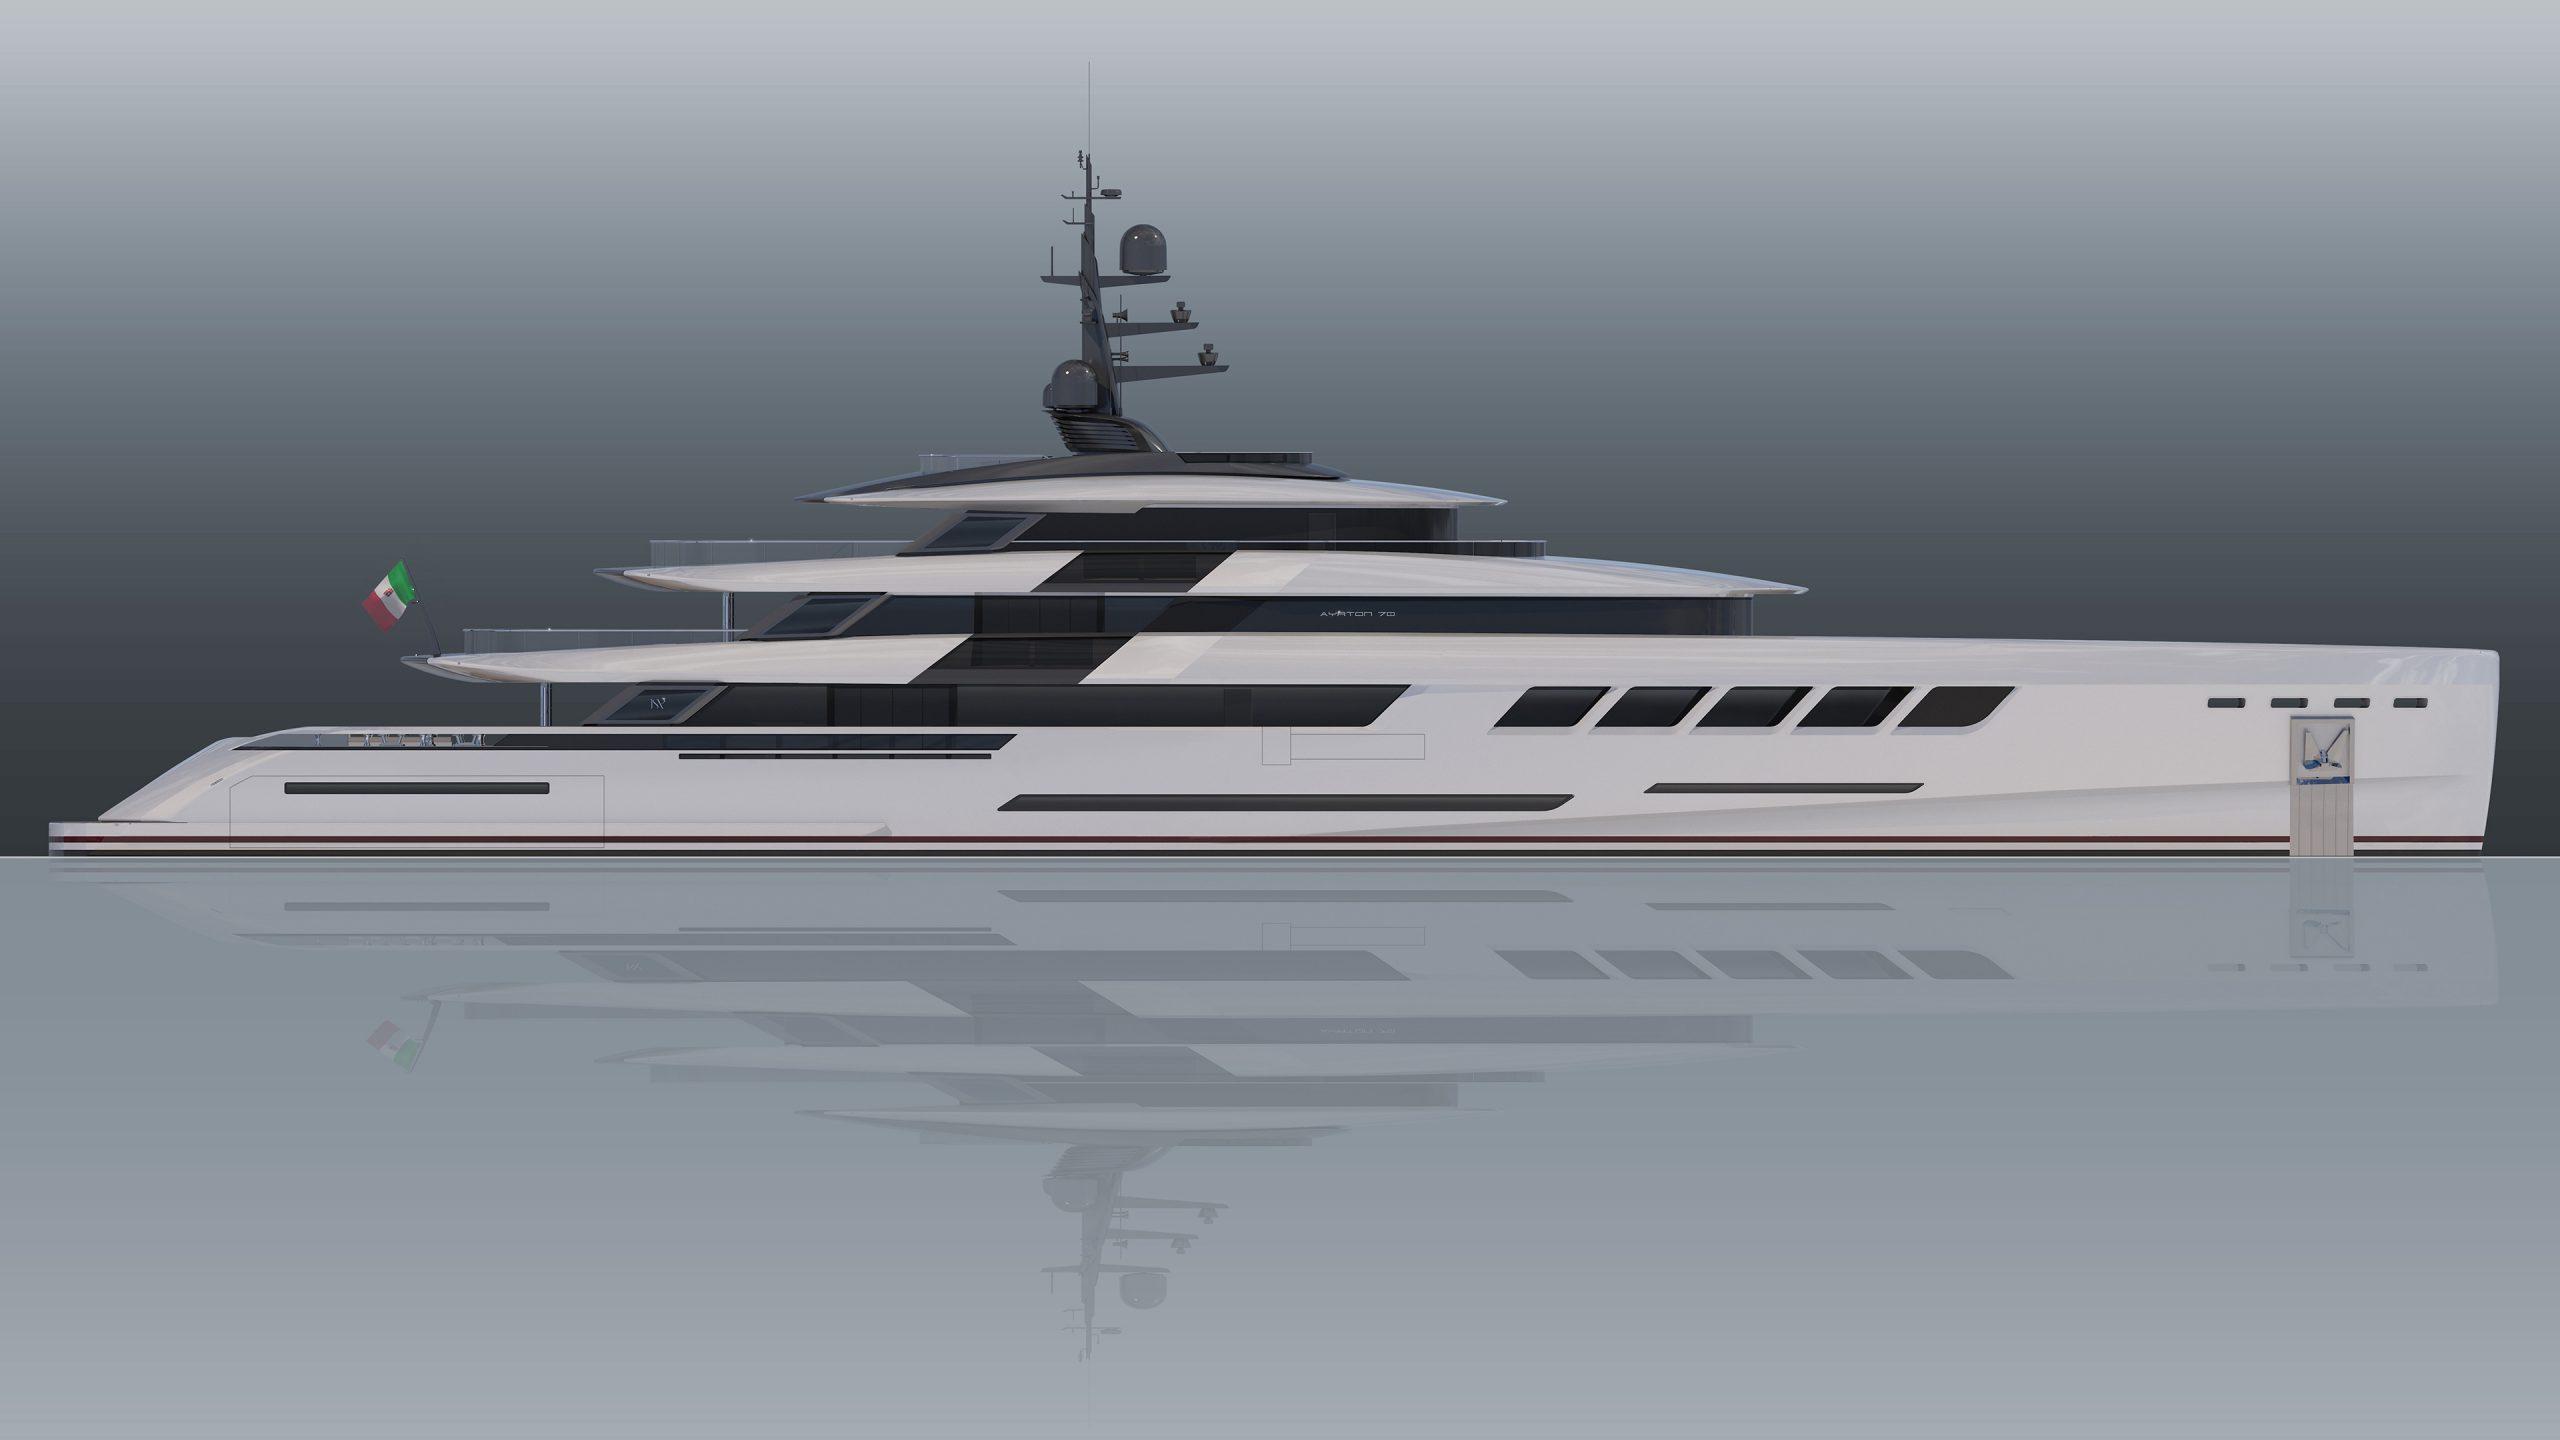 mobile isa fleet image